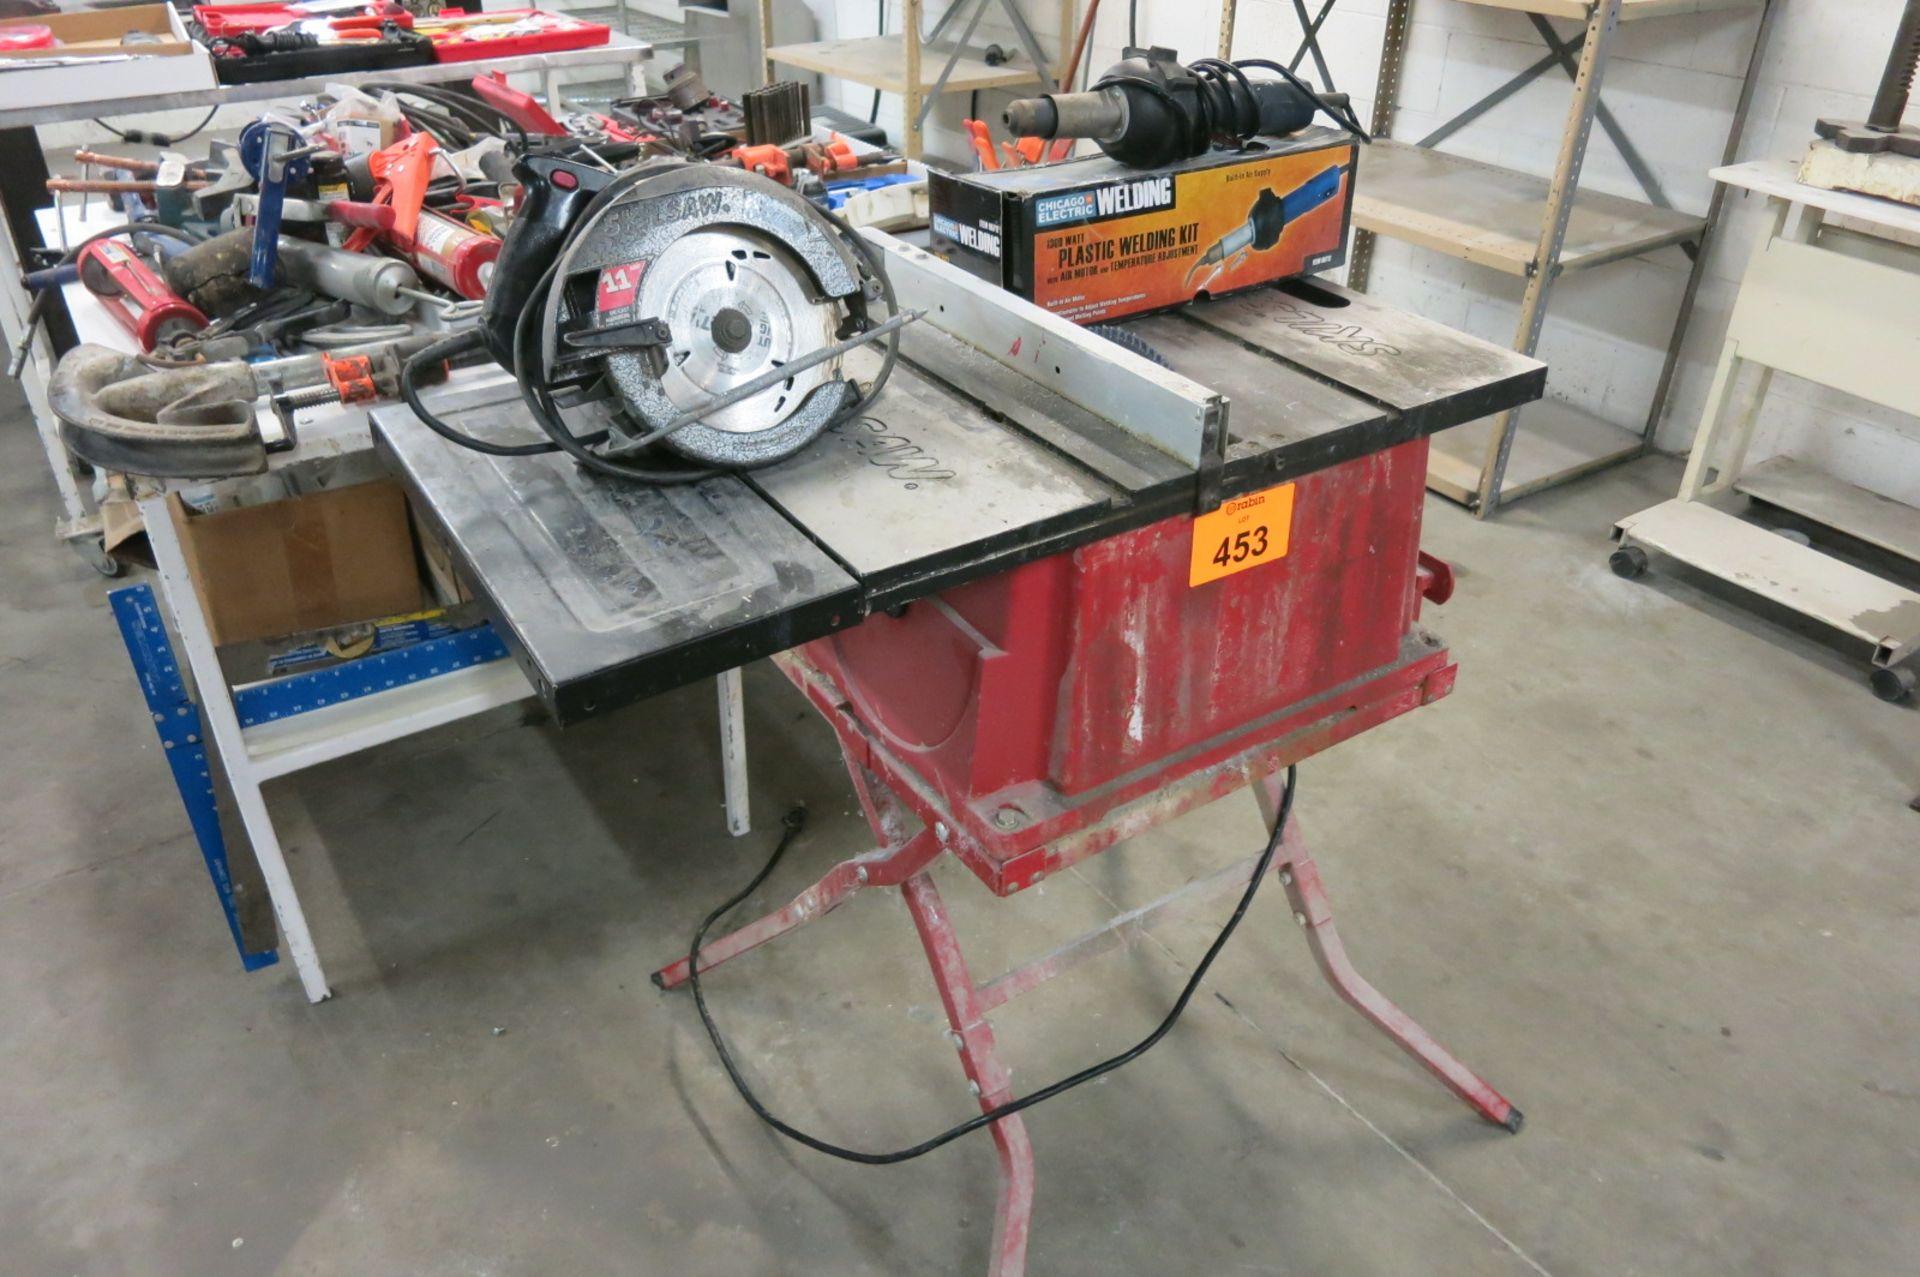 Lot 453 - Shop Equipment